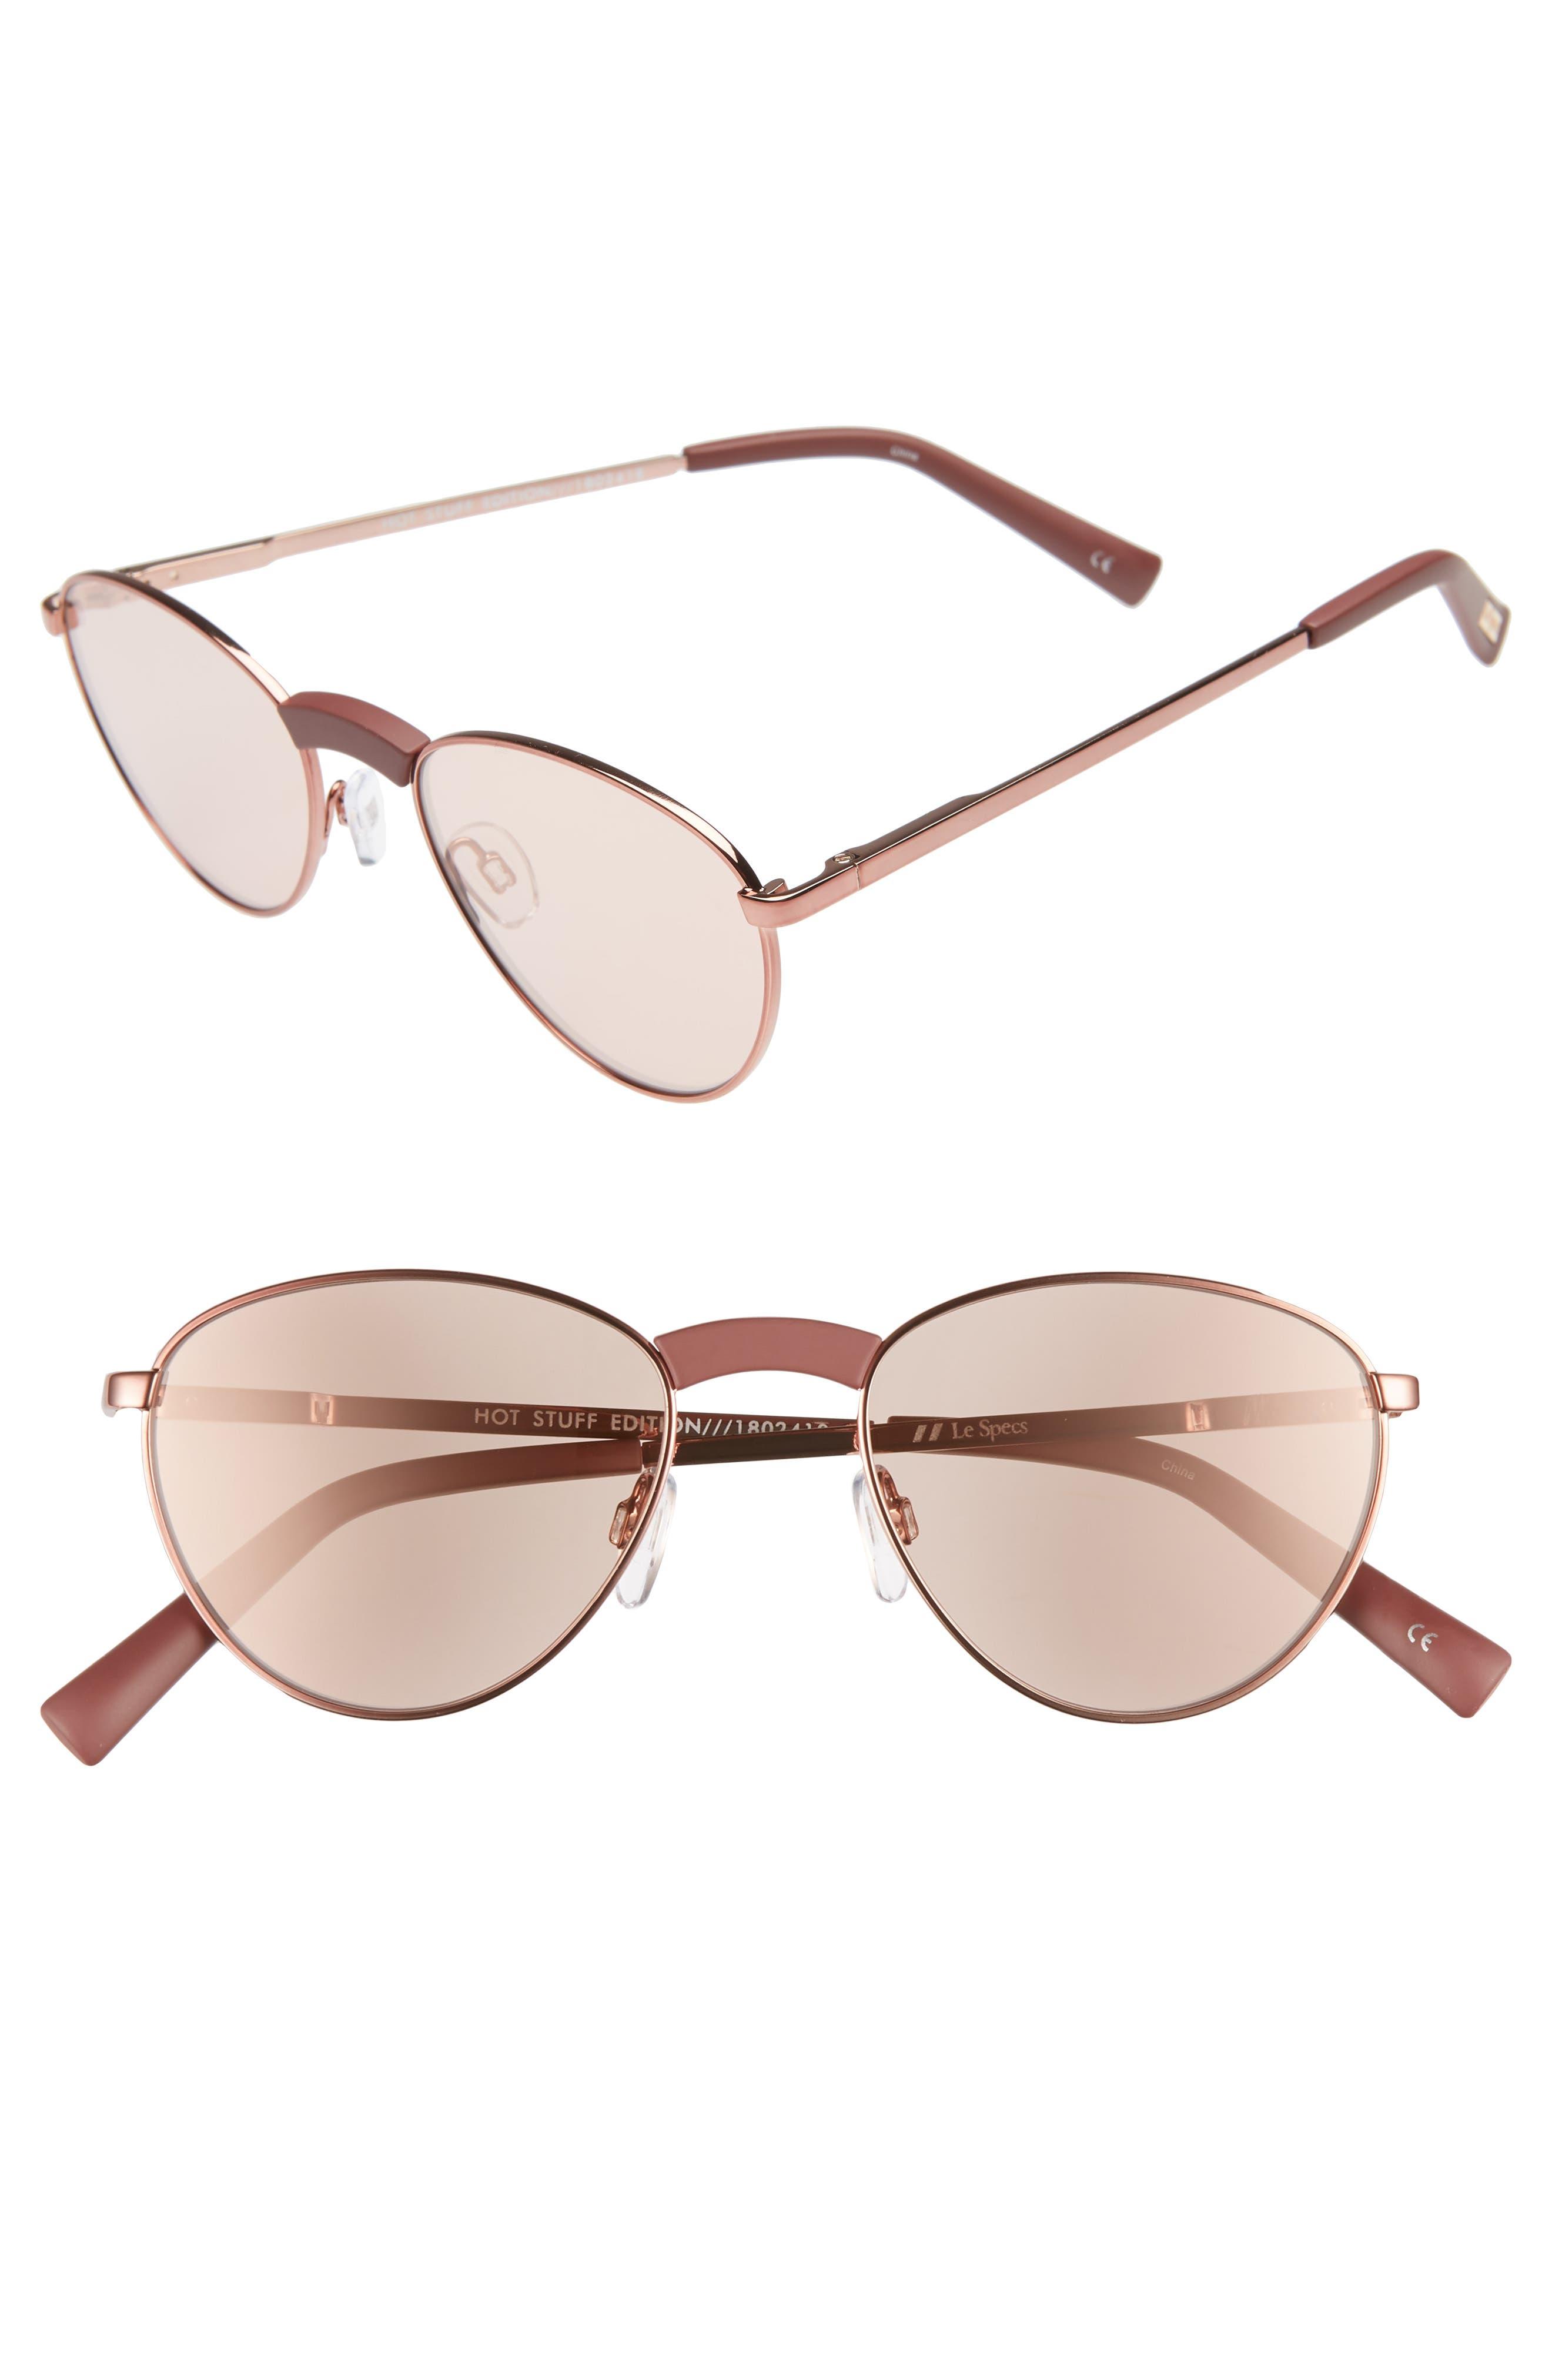 Hot Stuff 52mm Sunglasses,                         Main,                         color, 200